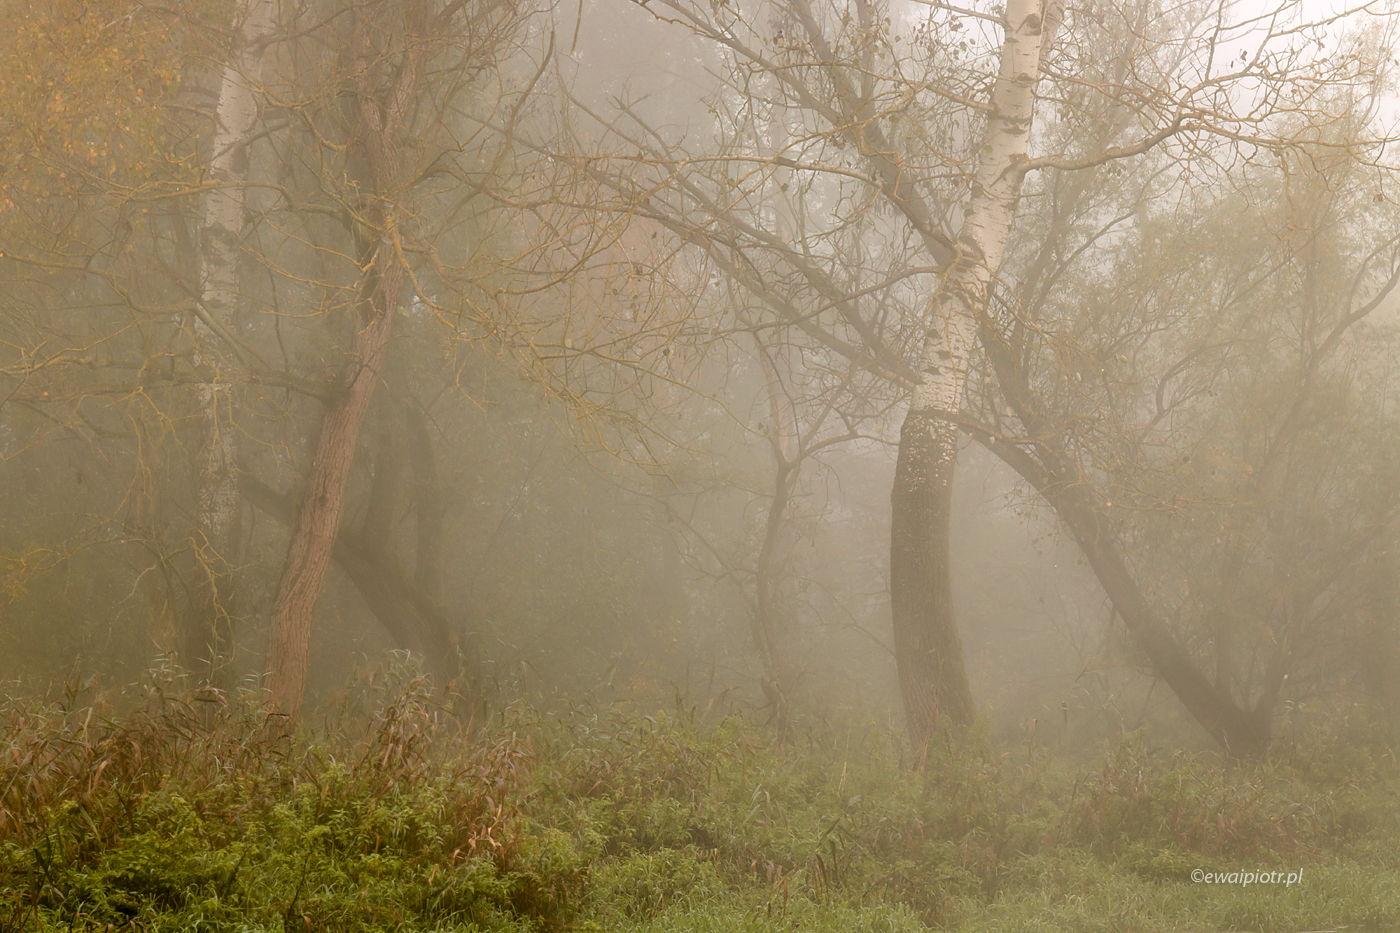 Las we mgle, Świętokrzyskie, plener fotograficzny